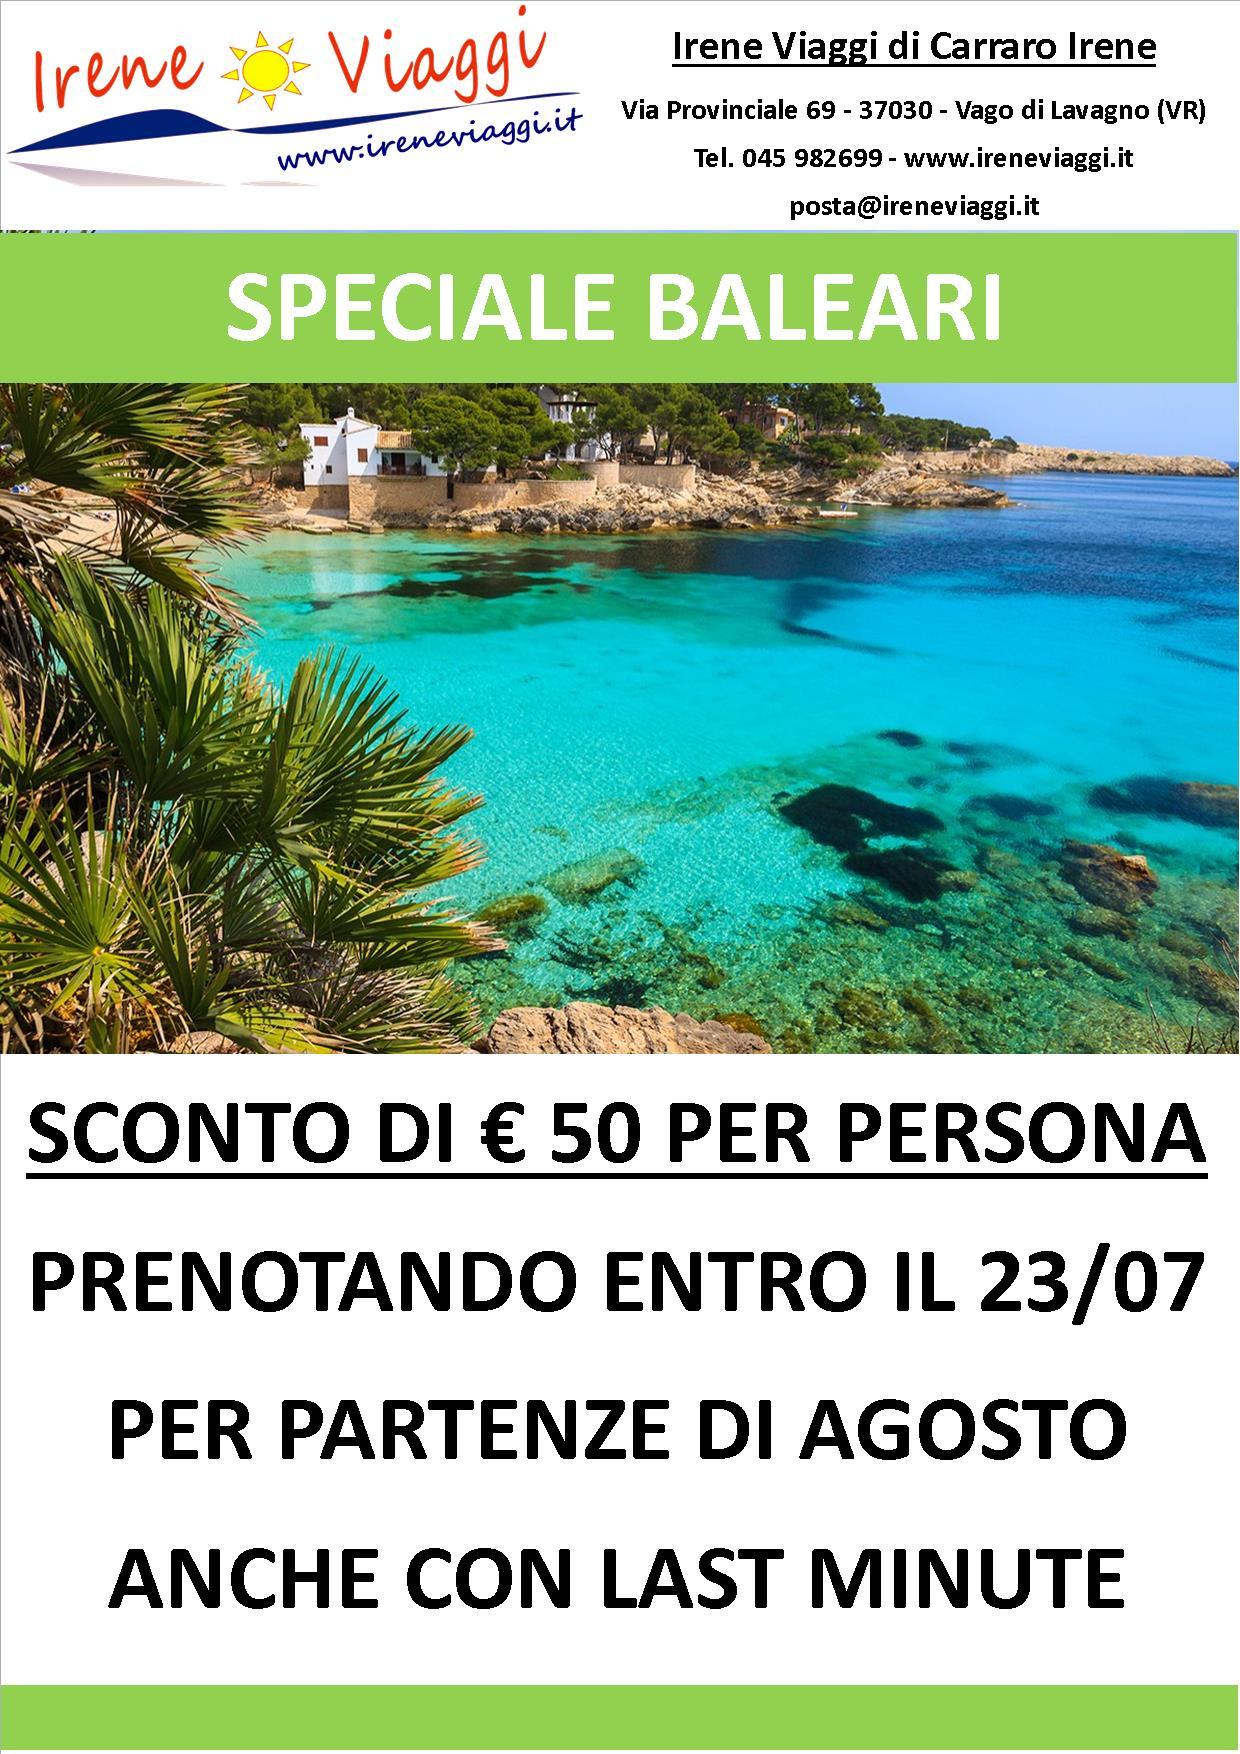 Speciale Baleari